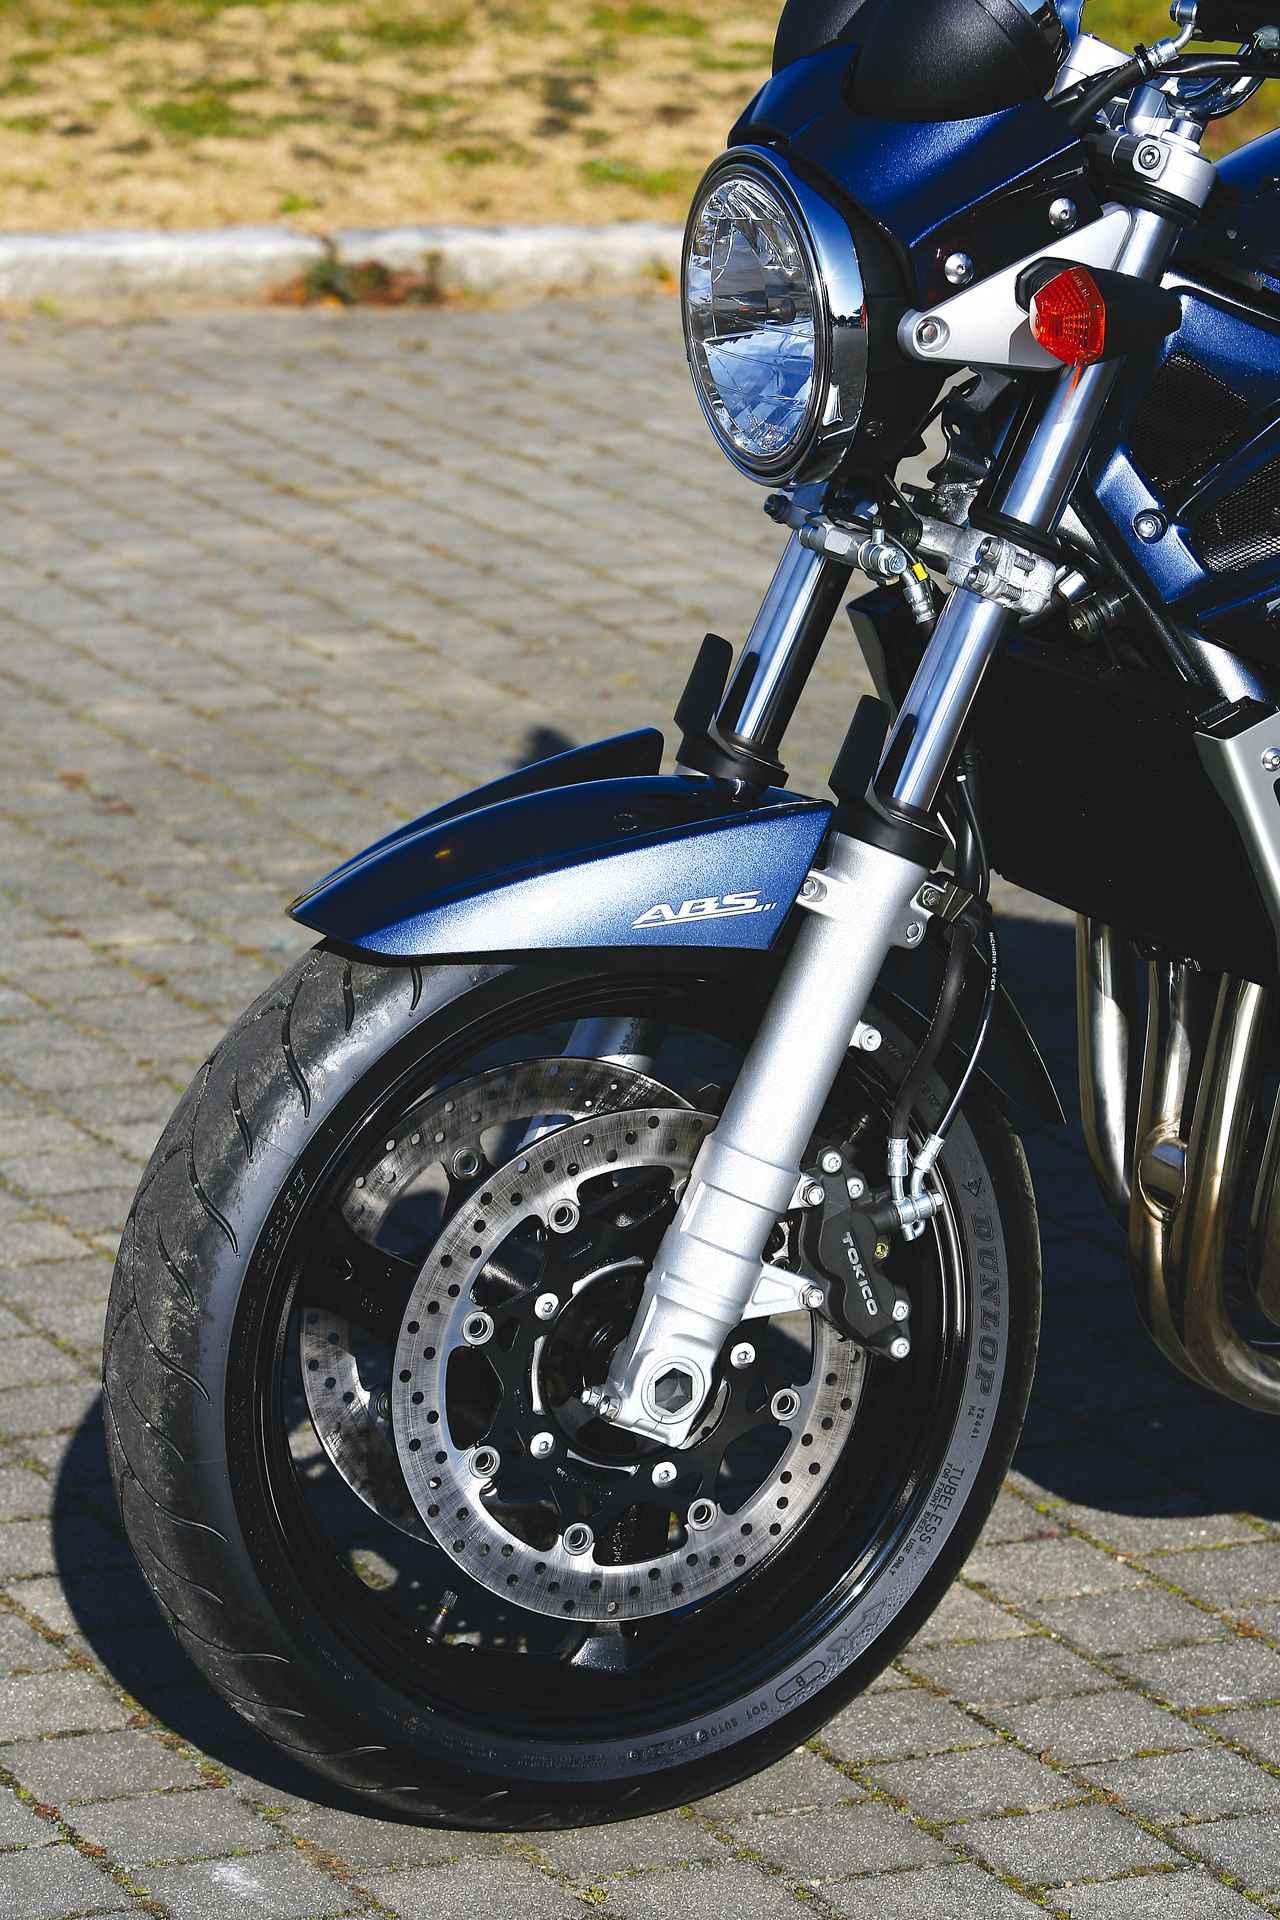 スズキ「バンディット1250/S」を解説! 専用の水冷エンジンを搭載し欧州の速度レンジにも対応した大型ネイキッド【絶版バイク紹介】